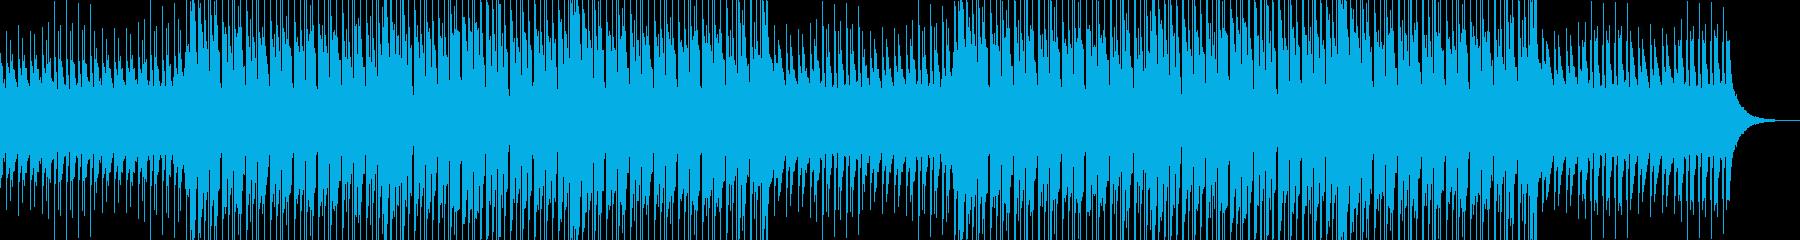 Happy Holiday Ukulele Songの再生済みの波形